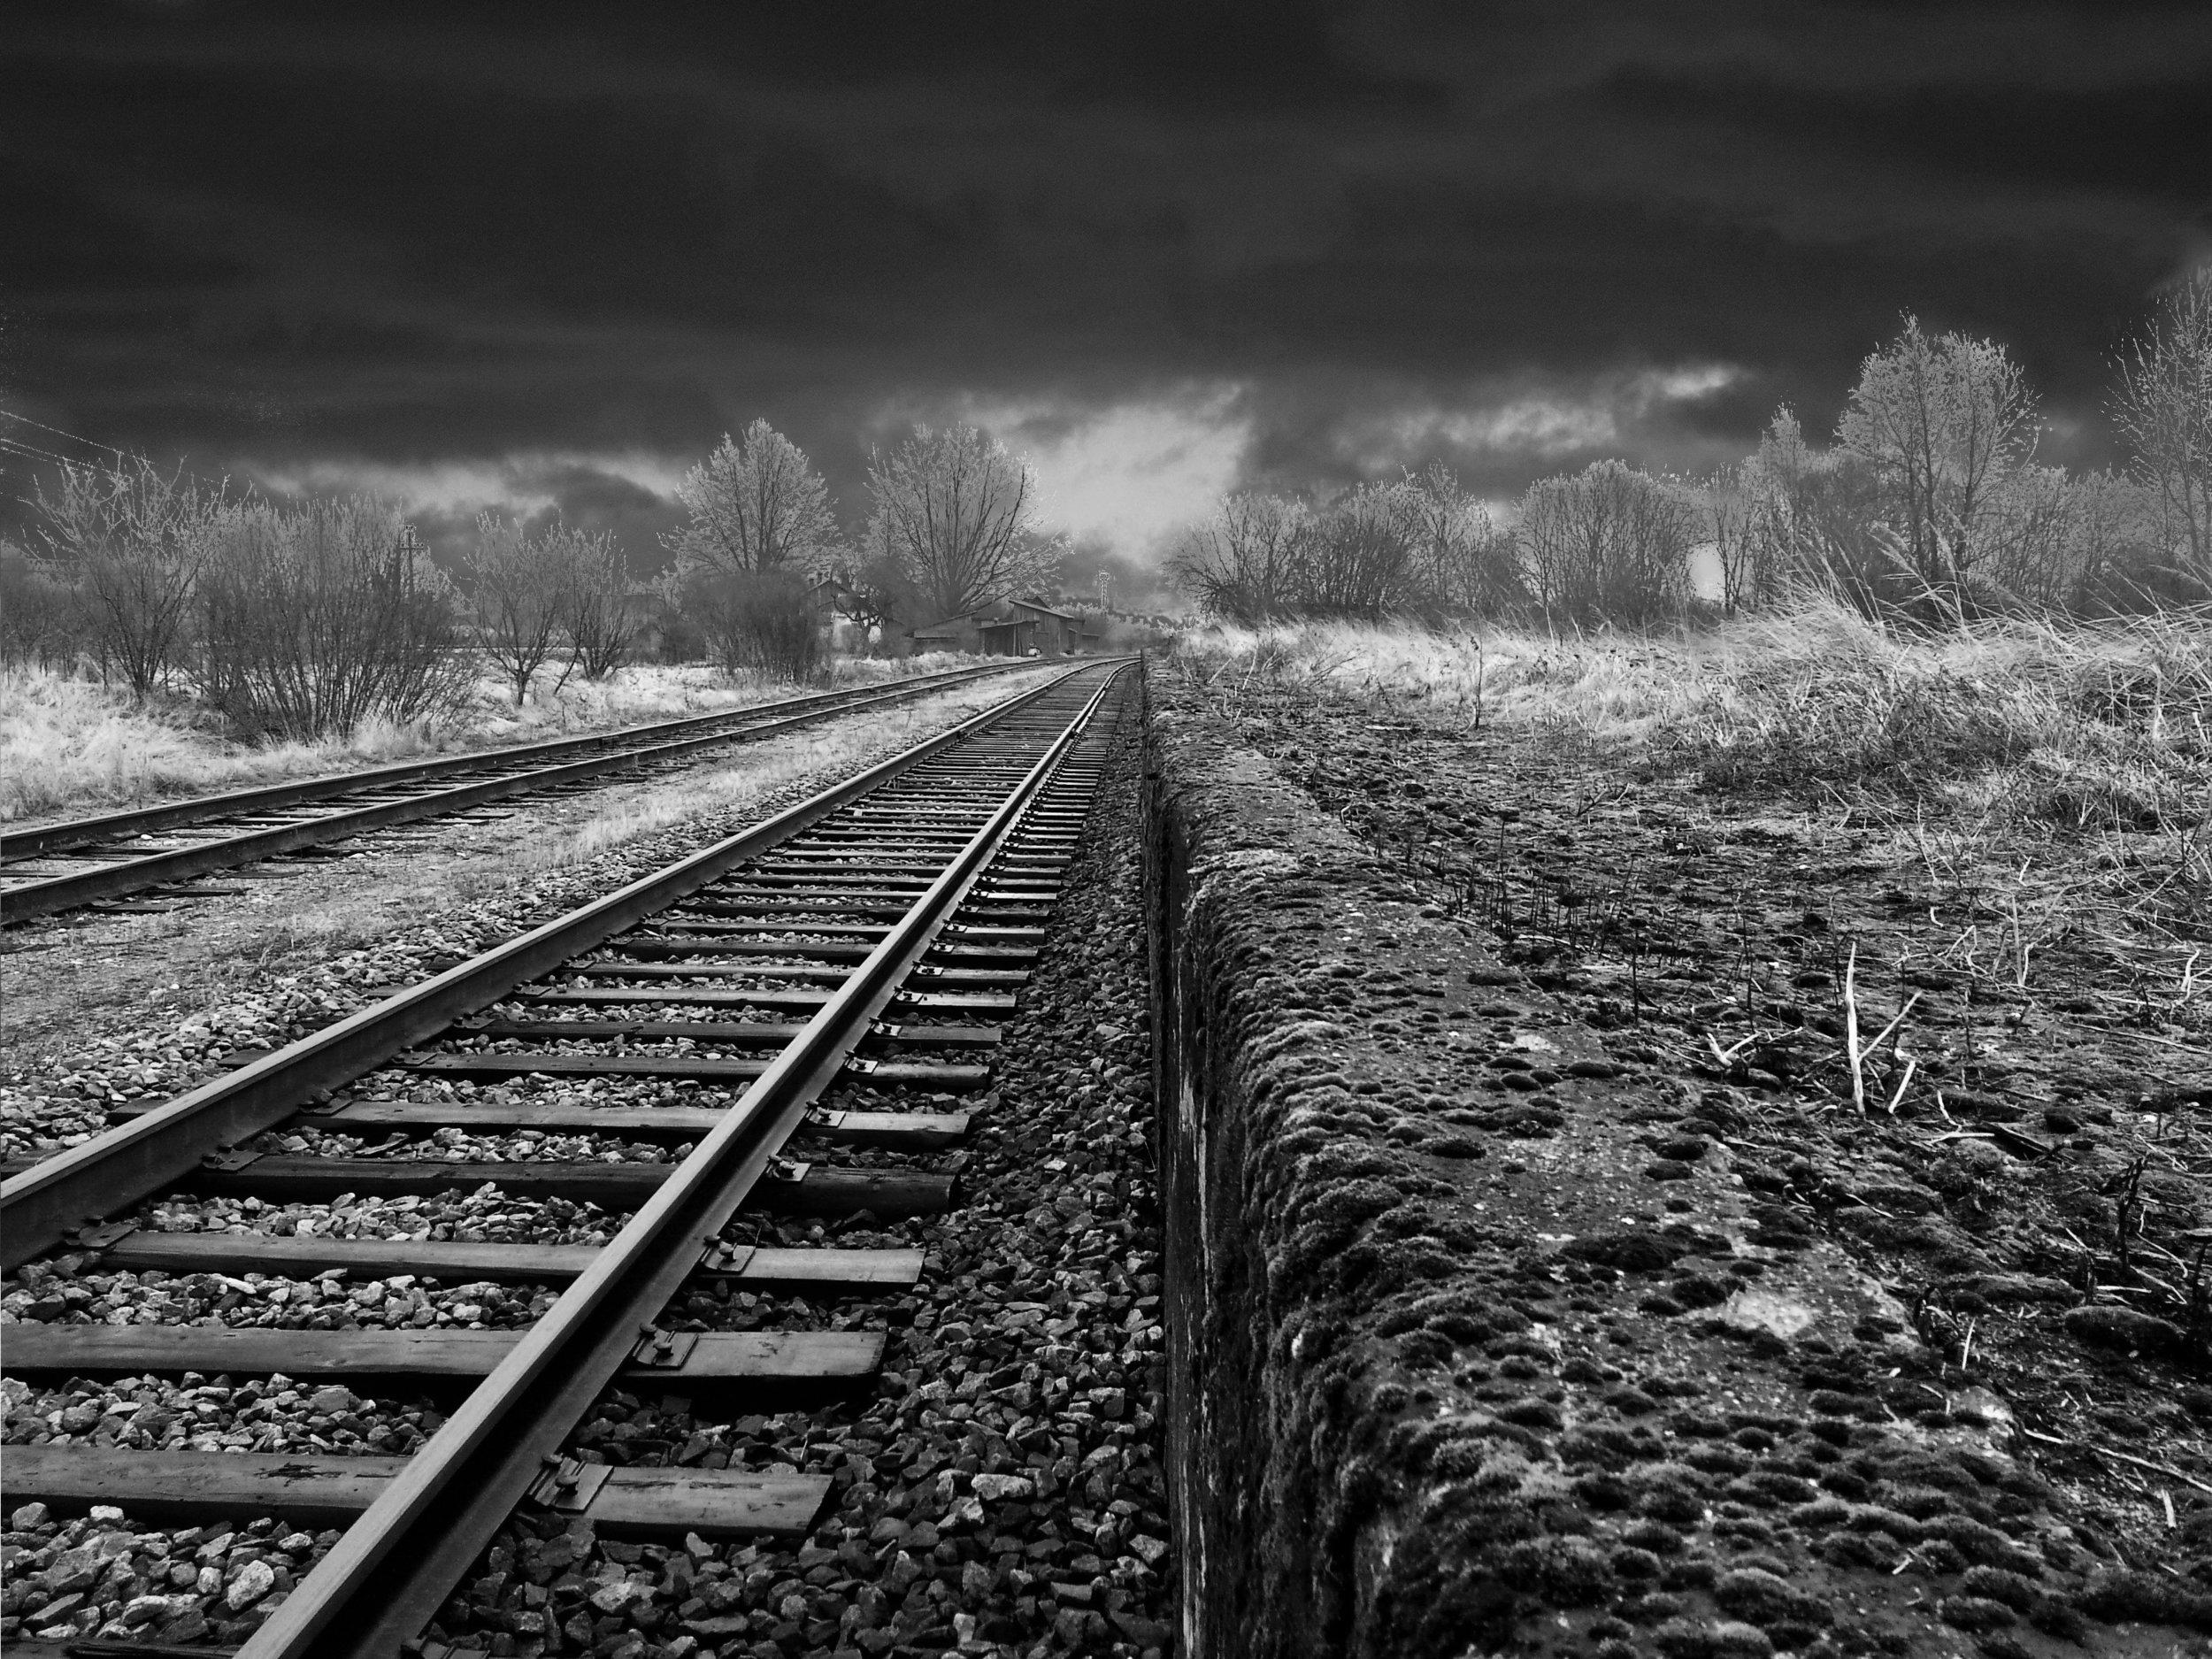 traintracks.jpg